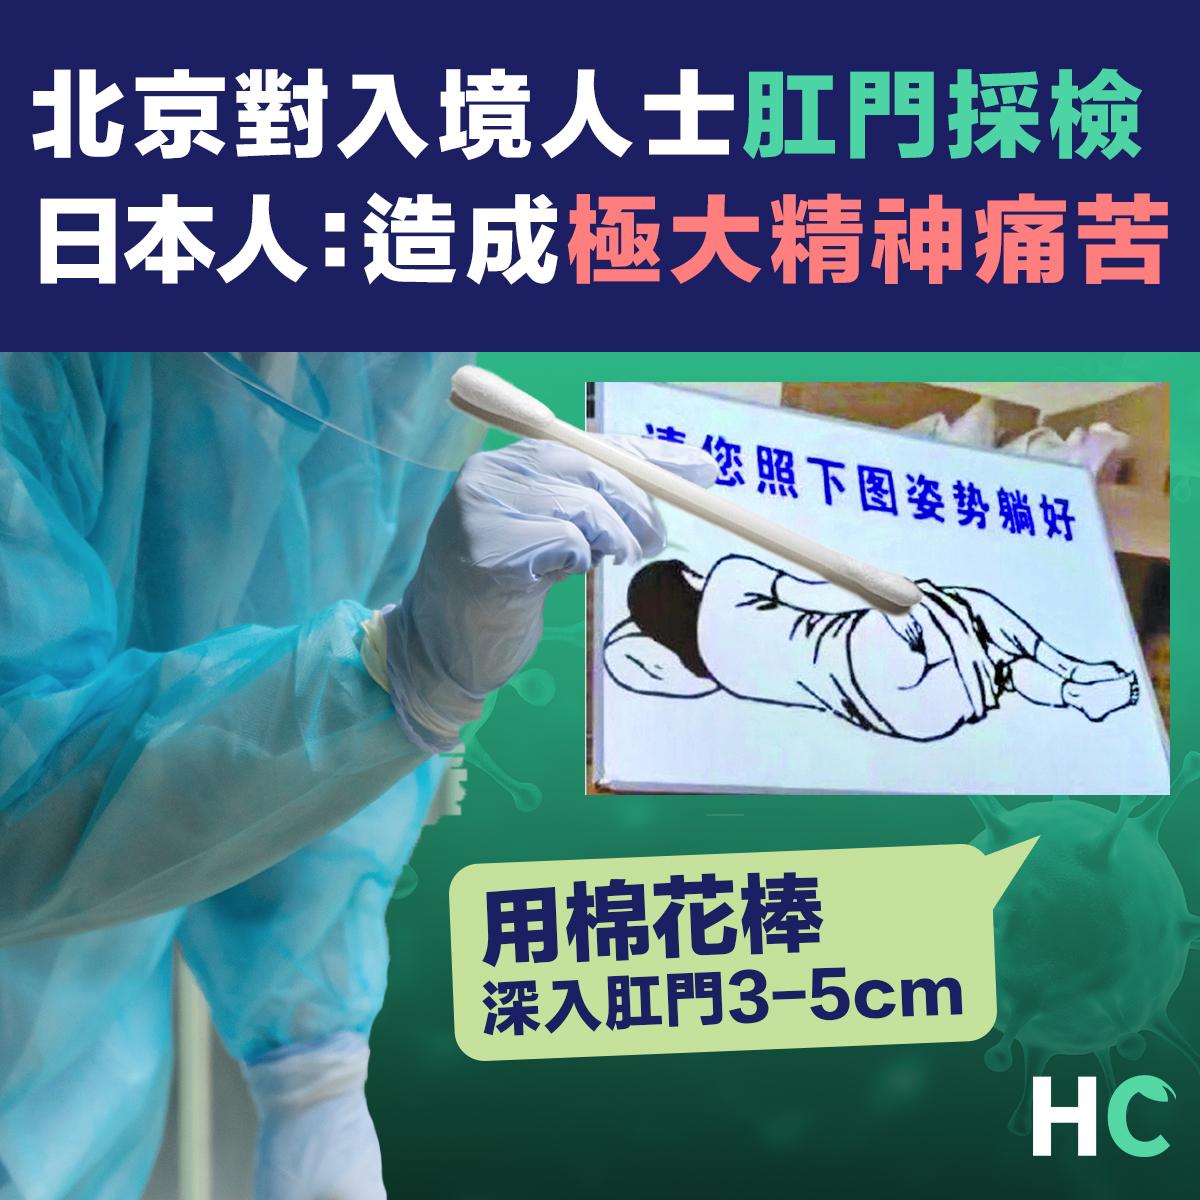 中國特色新冠病毒檢測 長棉花棒深入肛門3-5cm